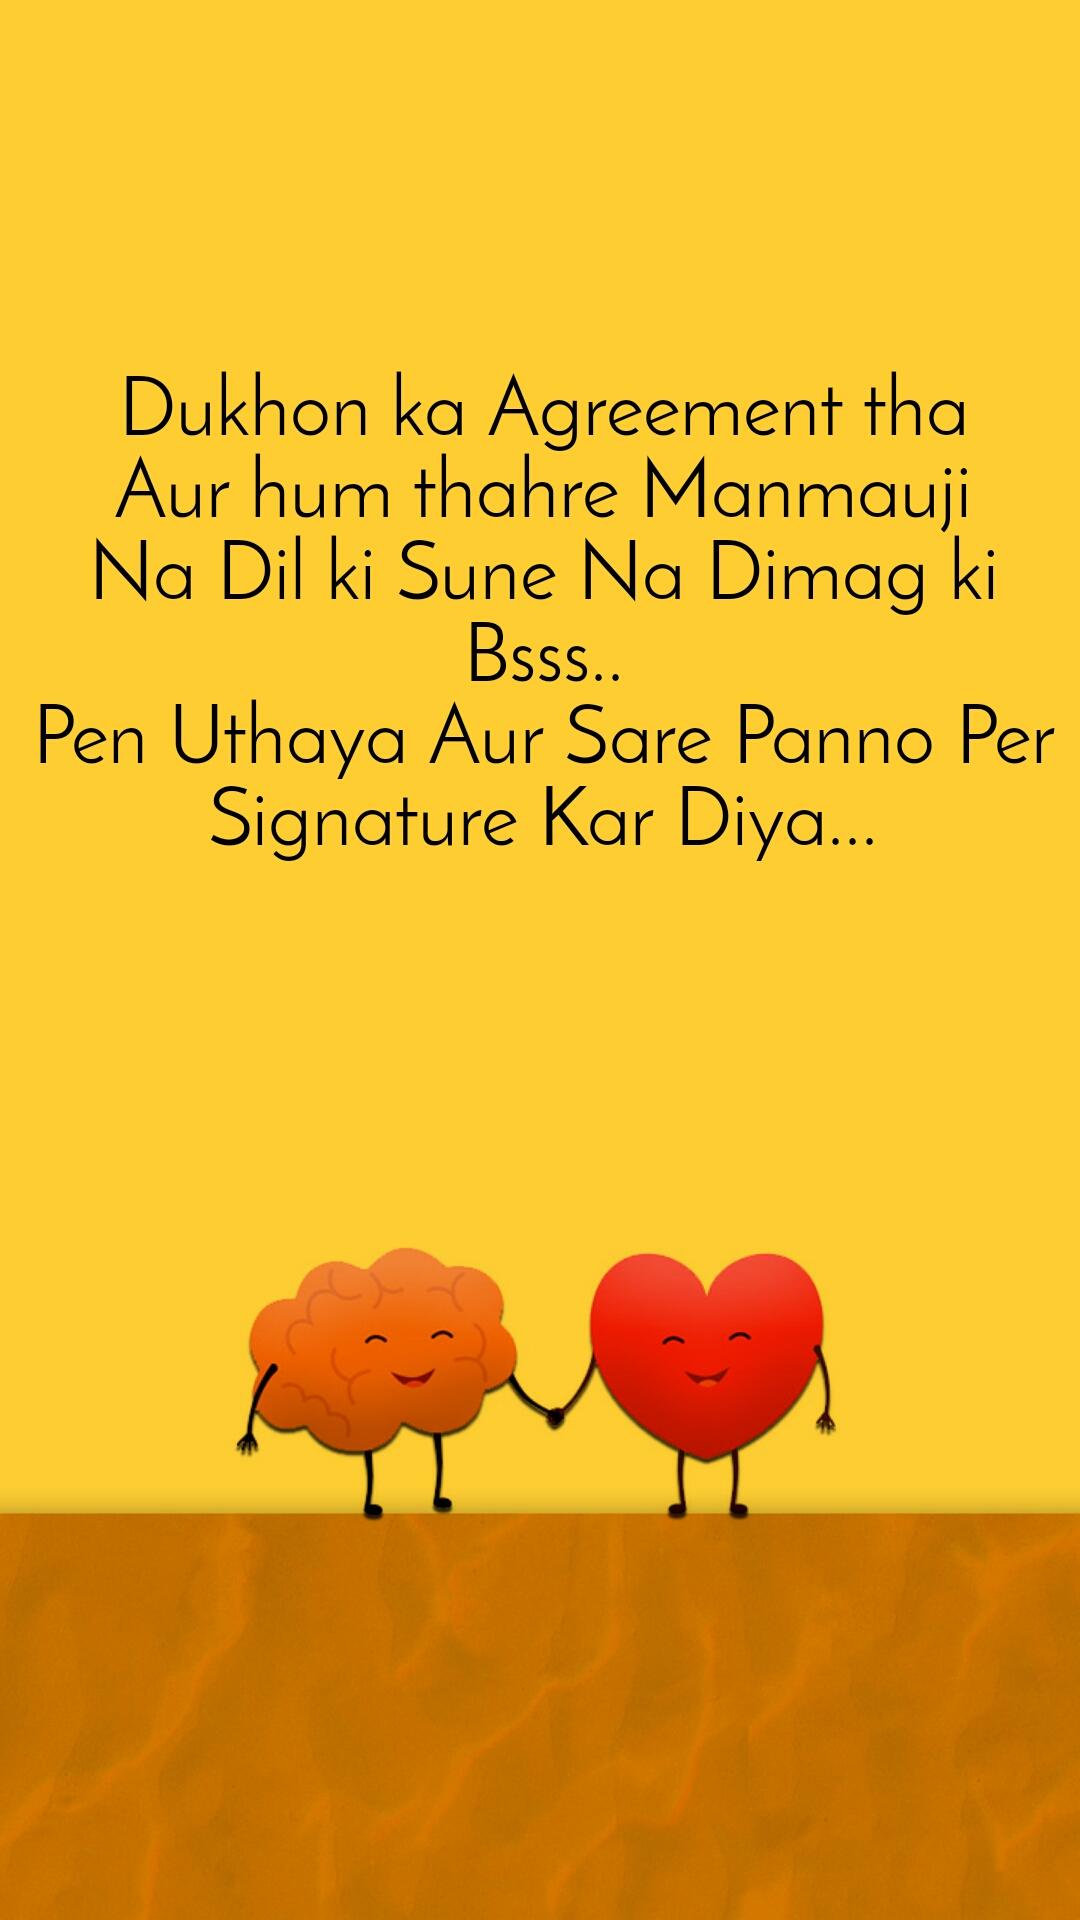 Dukhon ka Agreement tha Aur hum thahre Manmauji Na Dil ki Sune Na Dimag ki Bsss.. Pen Uthaya Aur Sare Panno Per Signature Kar Diya...